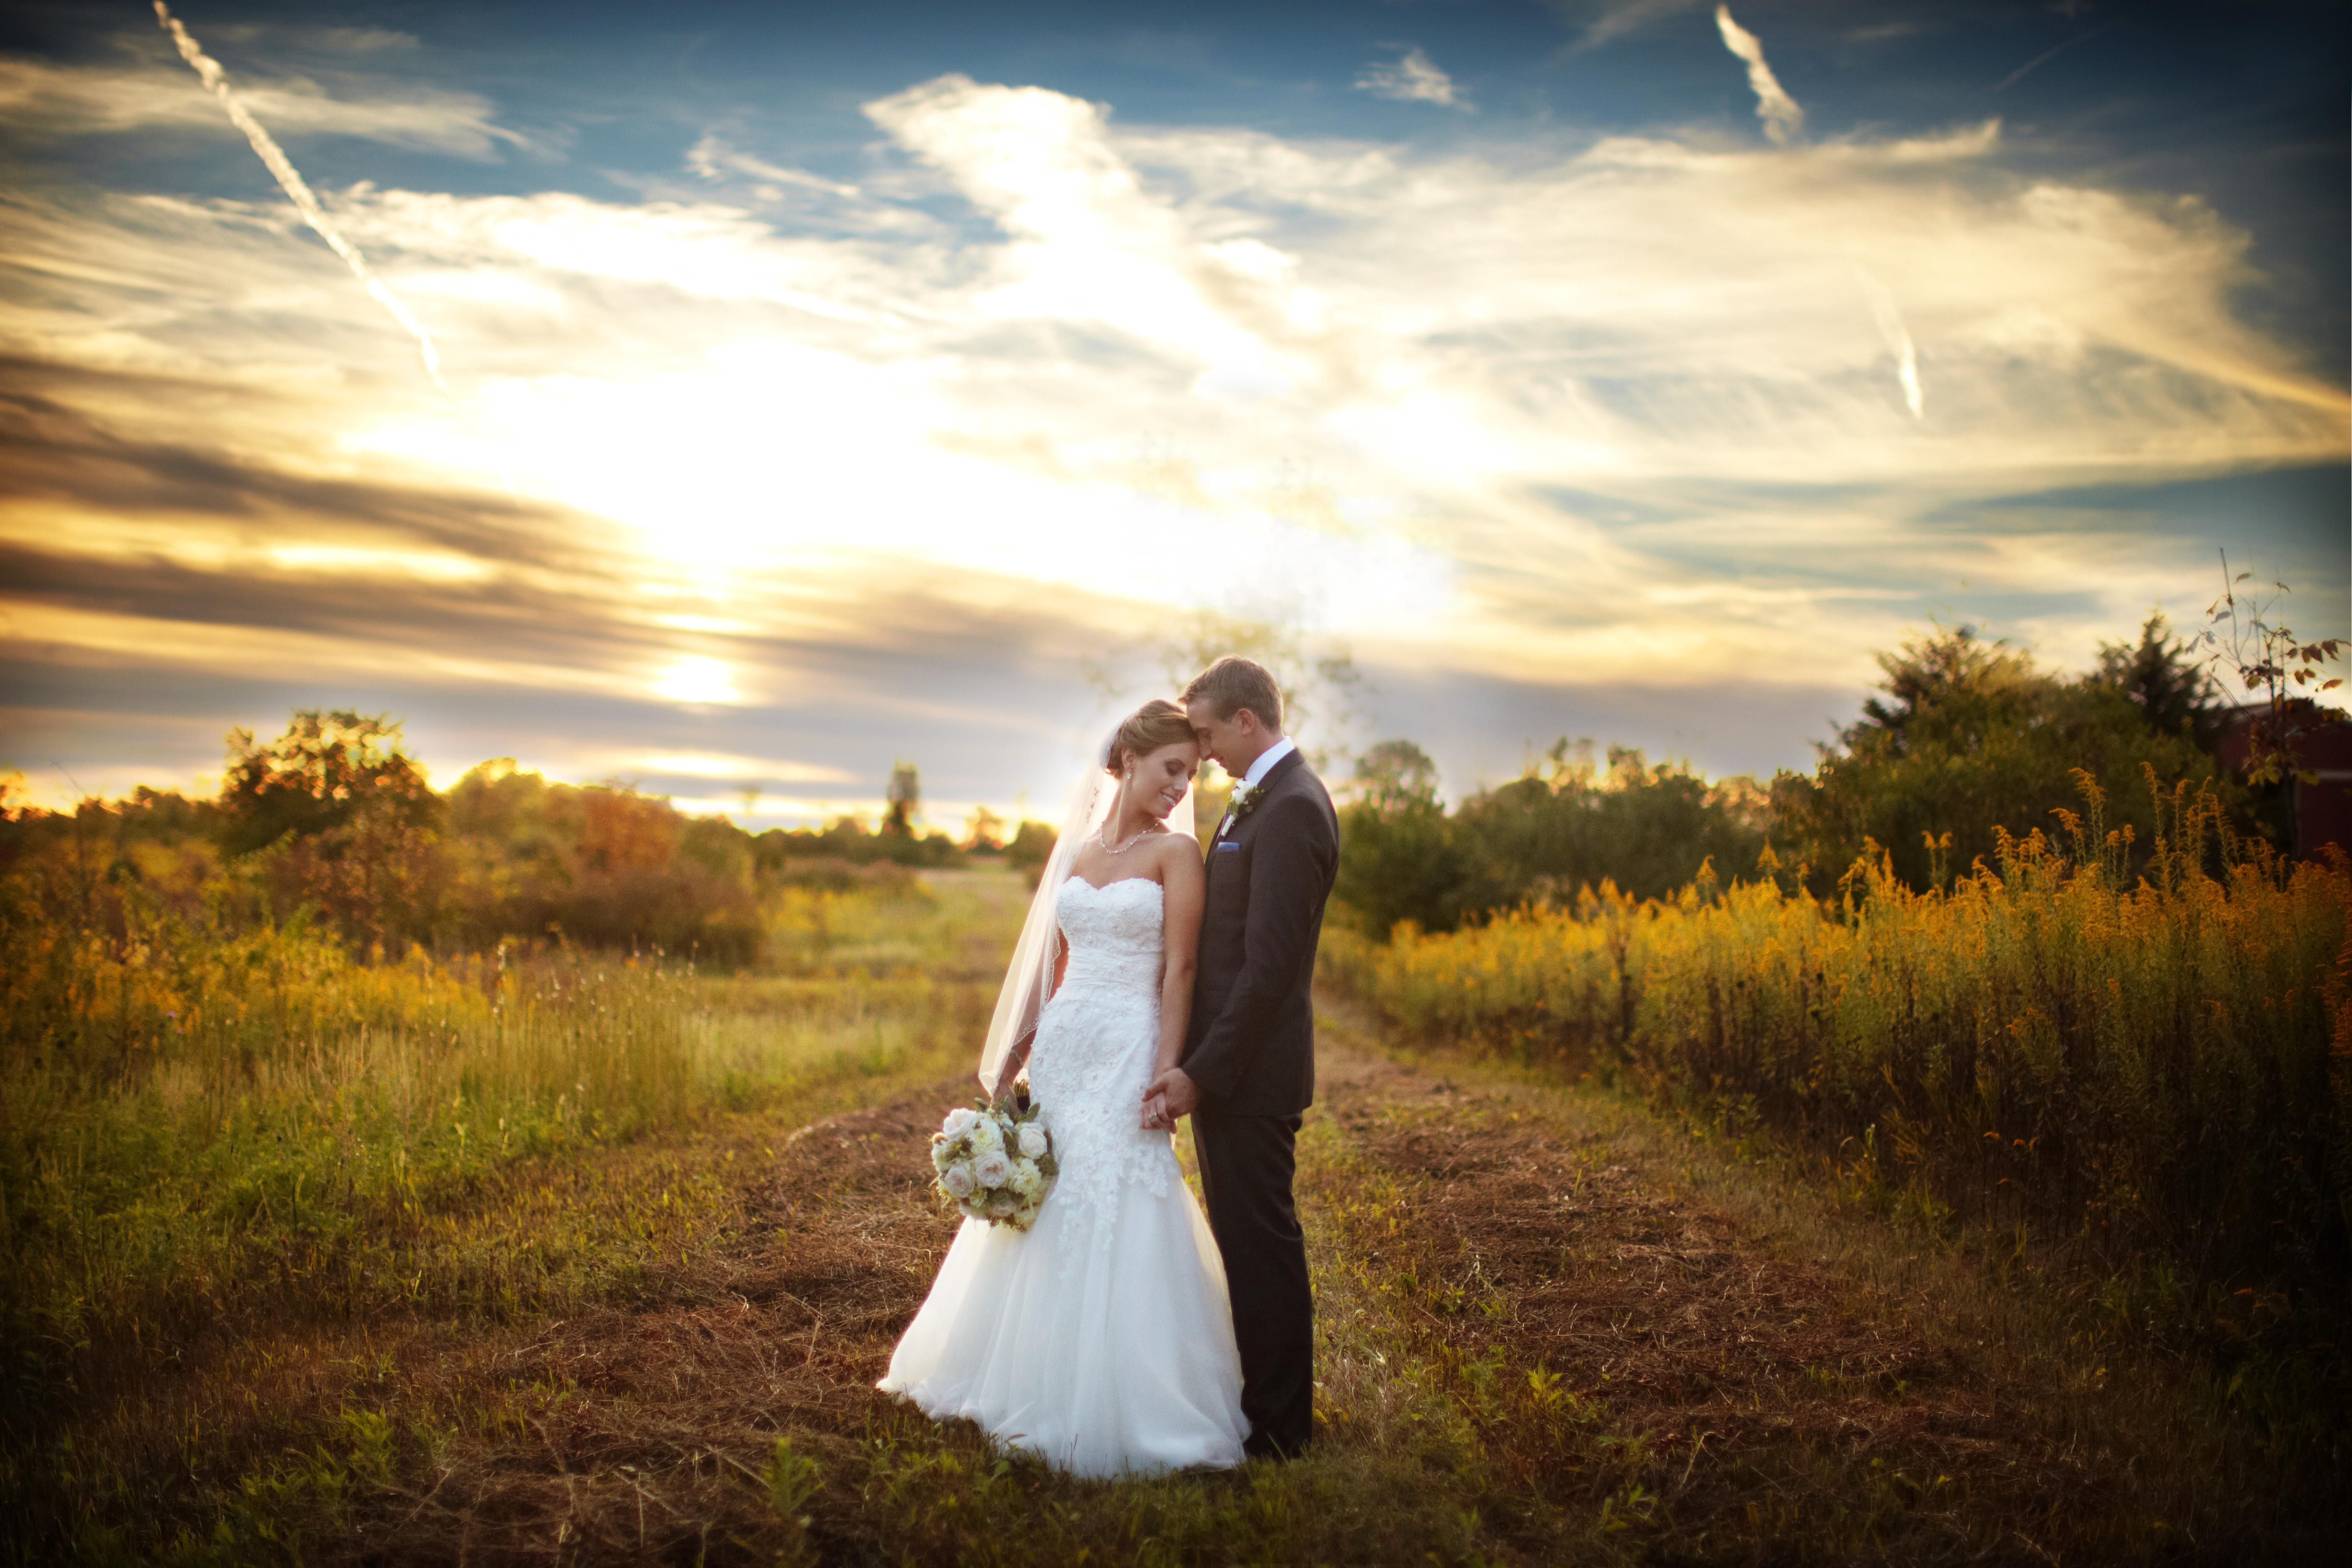 Nixon Photography Weddings